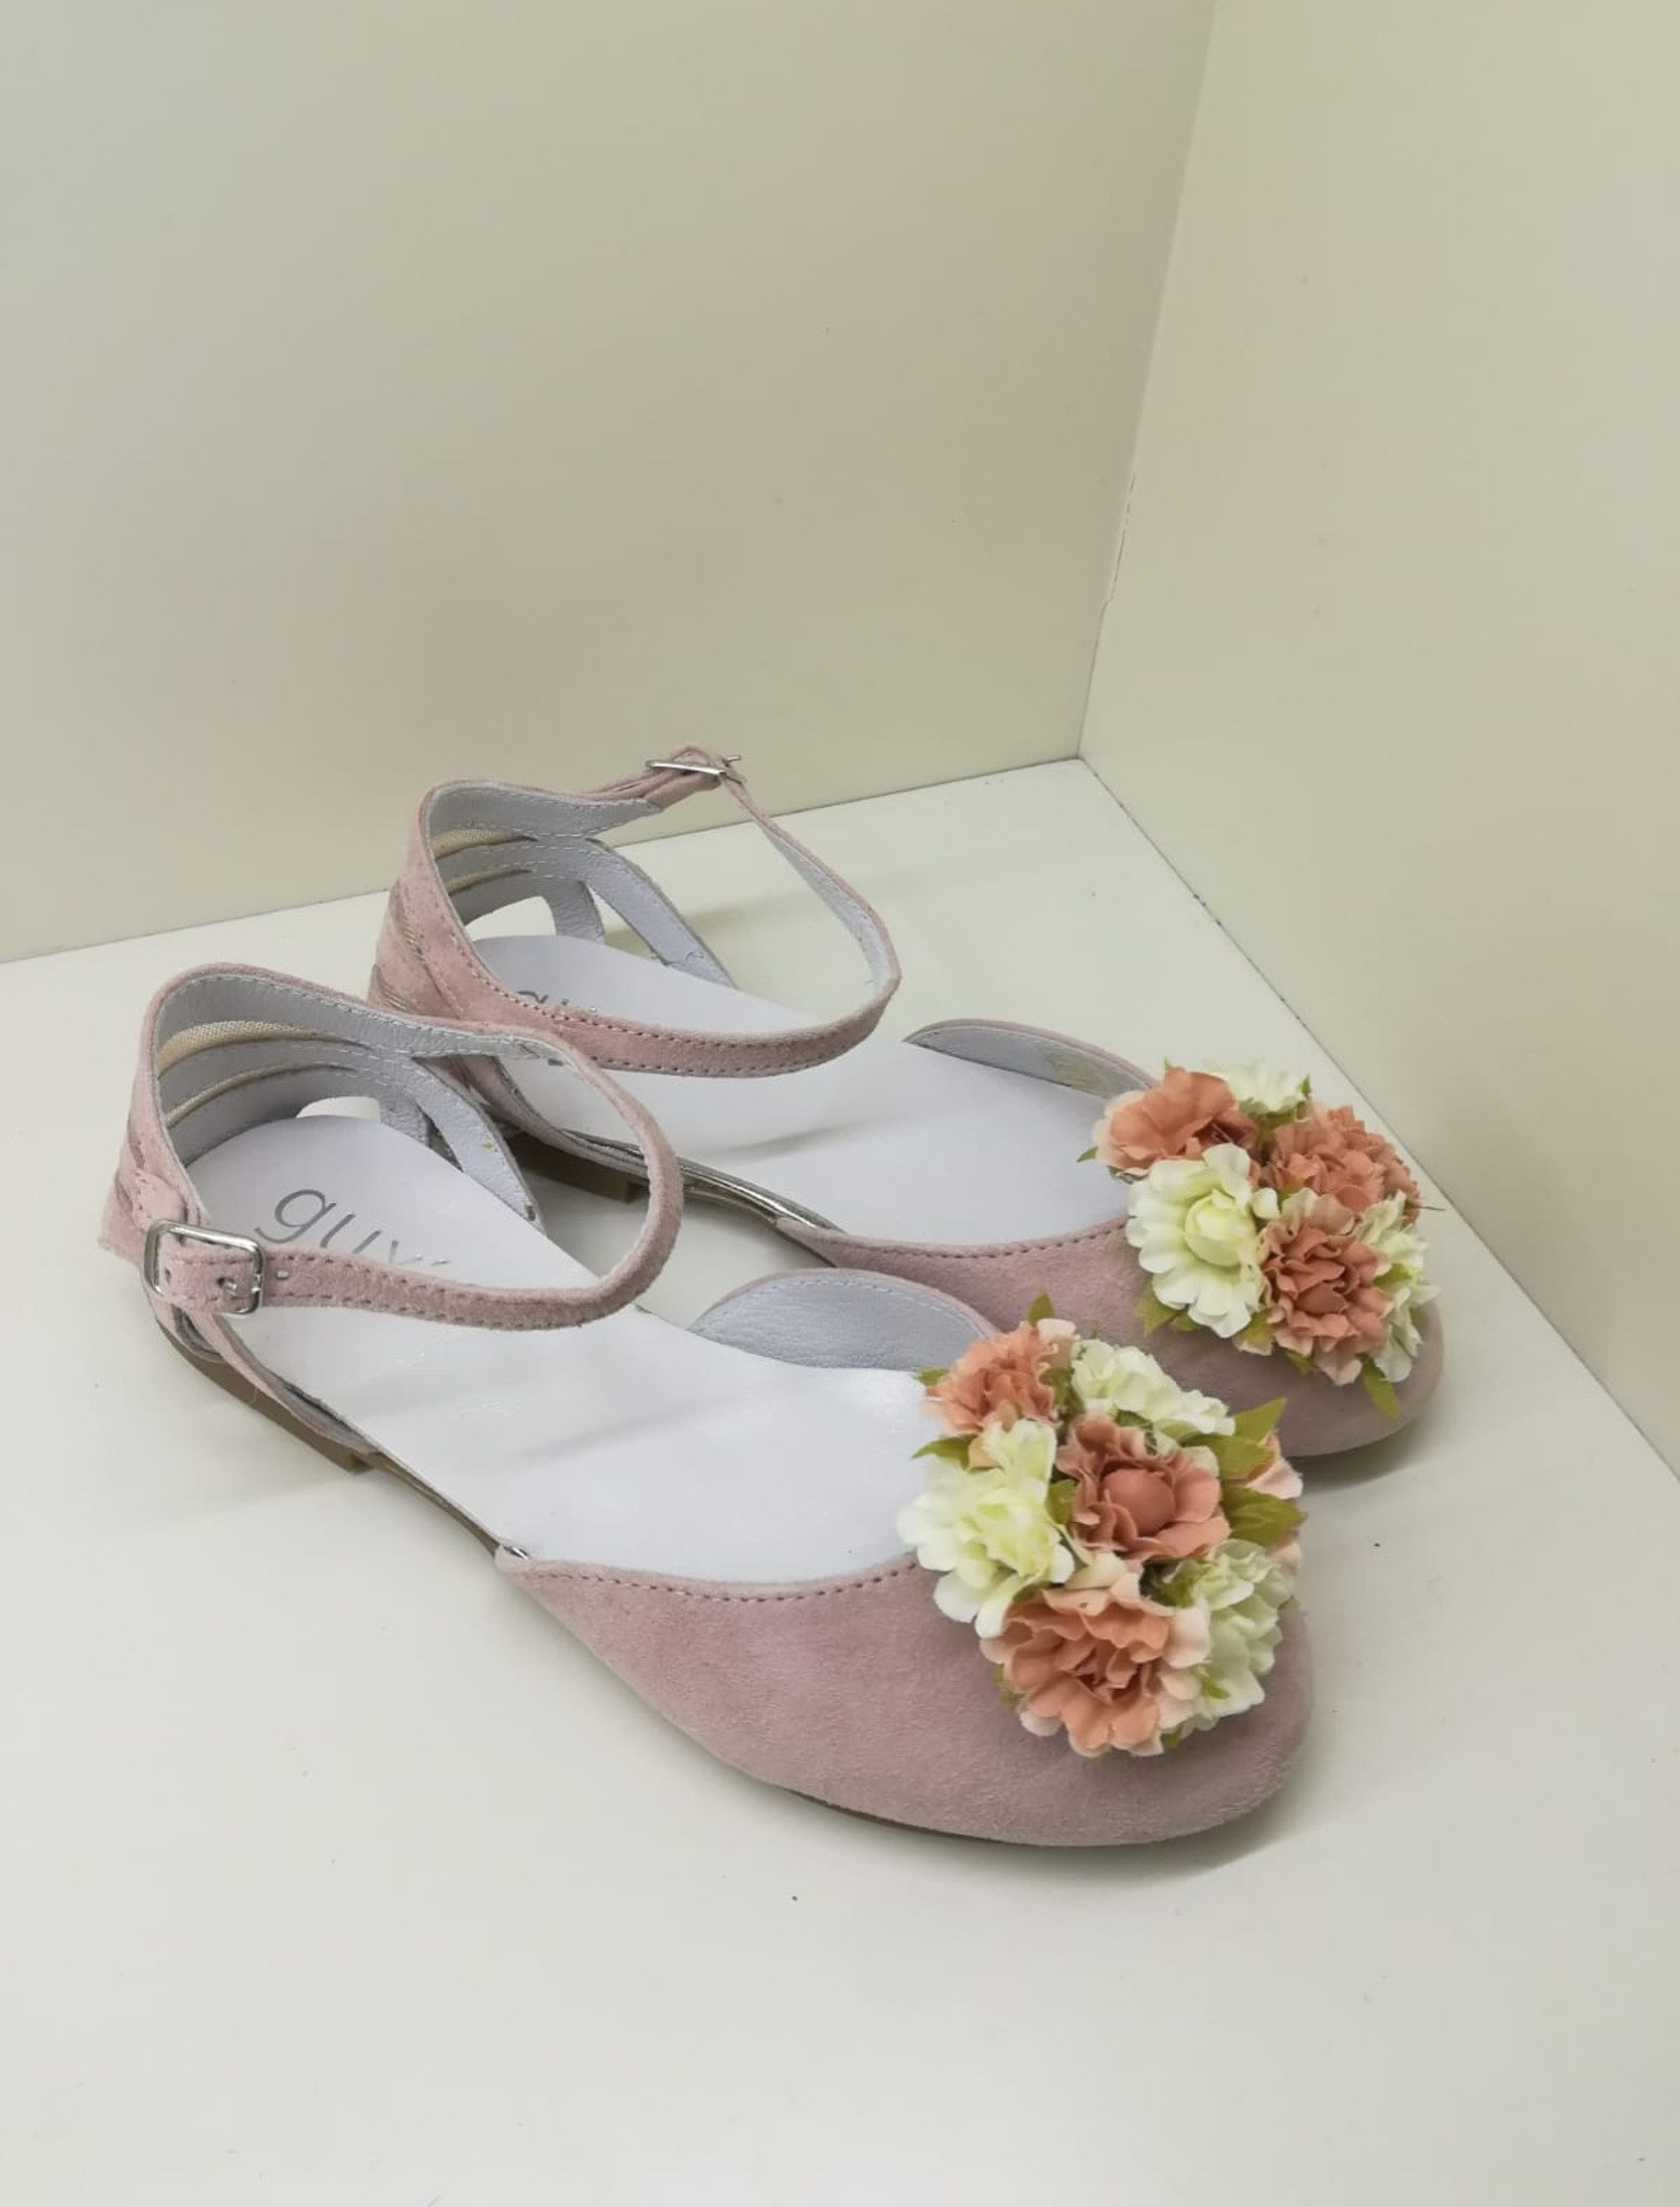 """Bailarina en ante rosa empolvado, semiabierta y detalle con """"pompón"""" de flor delante. Aberturas en el talón. Ajustable con correa al tobillo y hebilla."""